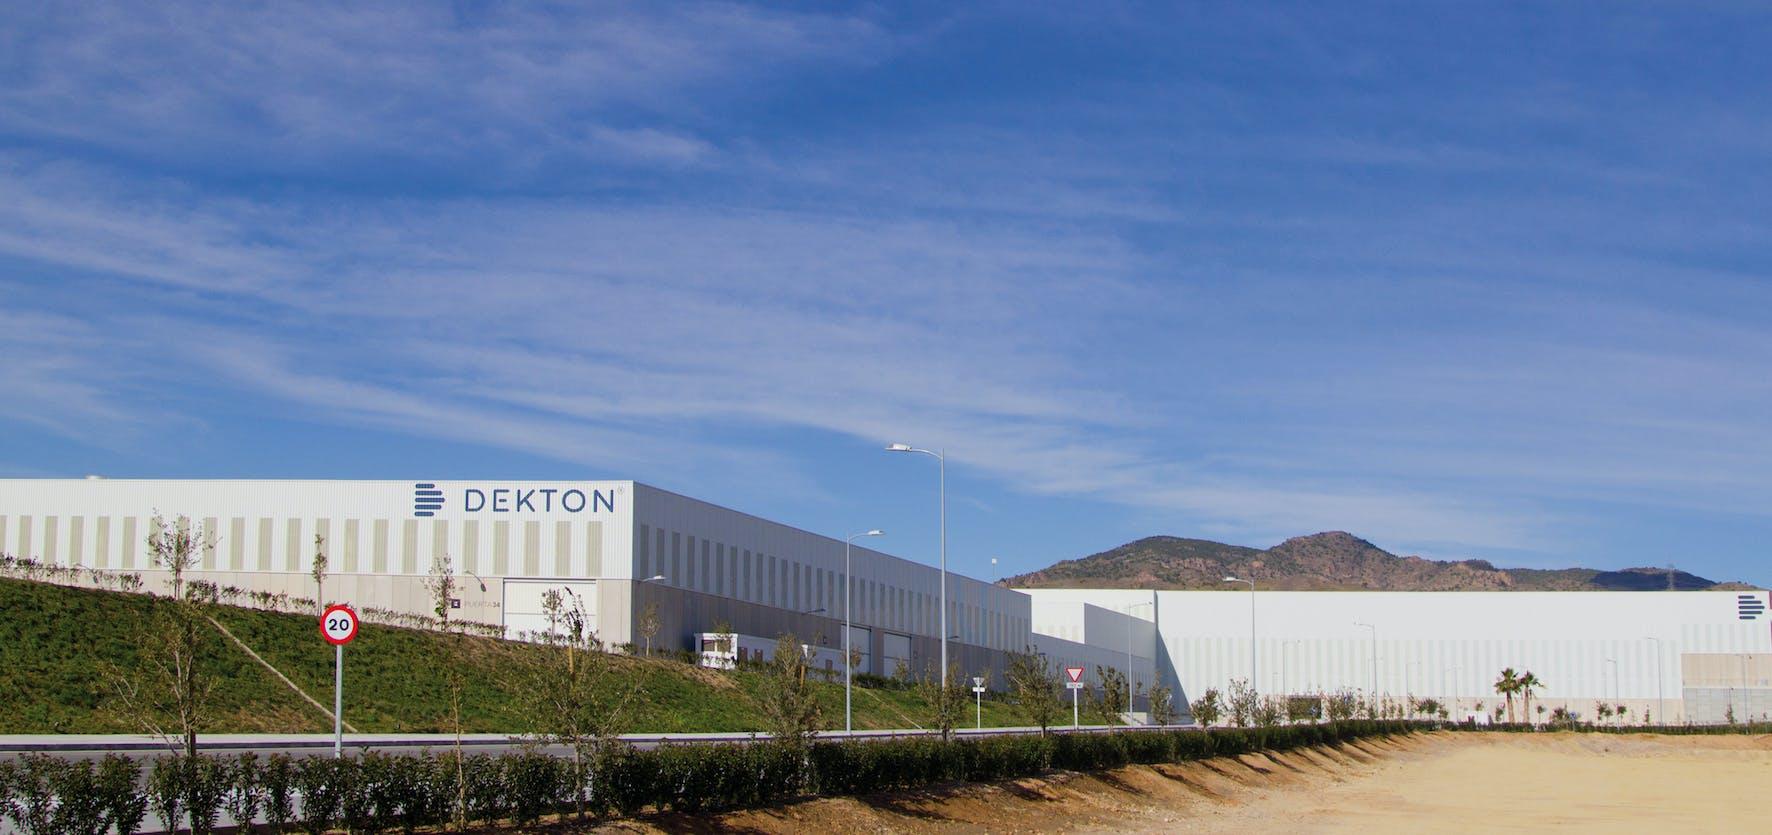 Image of DEKTON Fabrica exterior 1 3 in Dekton®, een CO2 neutraal product gedurende zijn hele levenscyclus - Cosentino